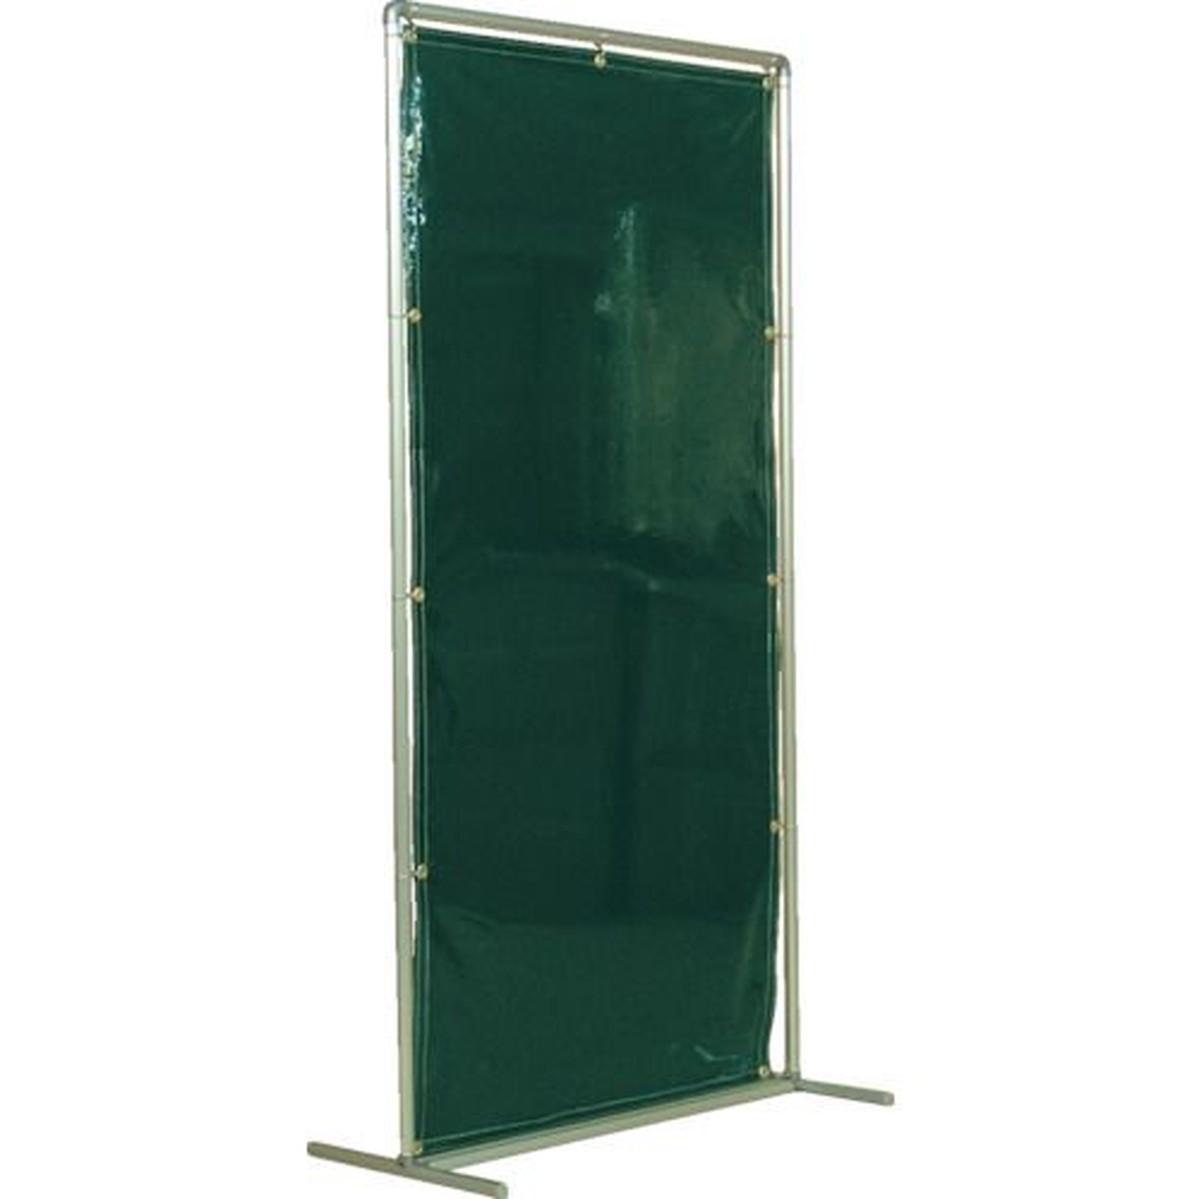 あす楽対応 DIY用品 吉野 遮光フェンスアルミパイプ ダークグリーン 奉呈 1×2 単体固定 海外輸入 1台